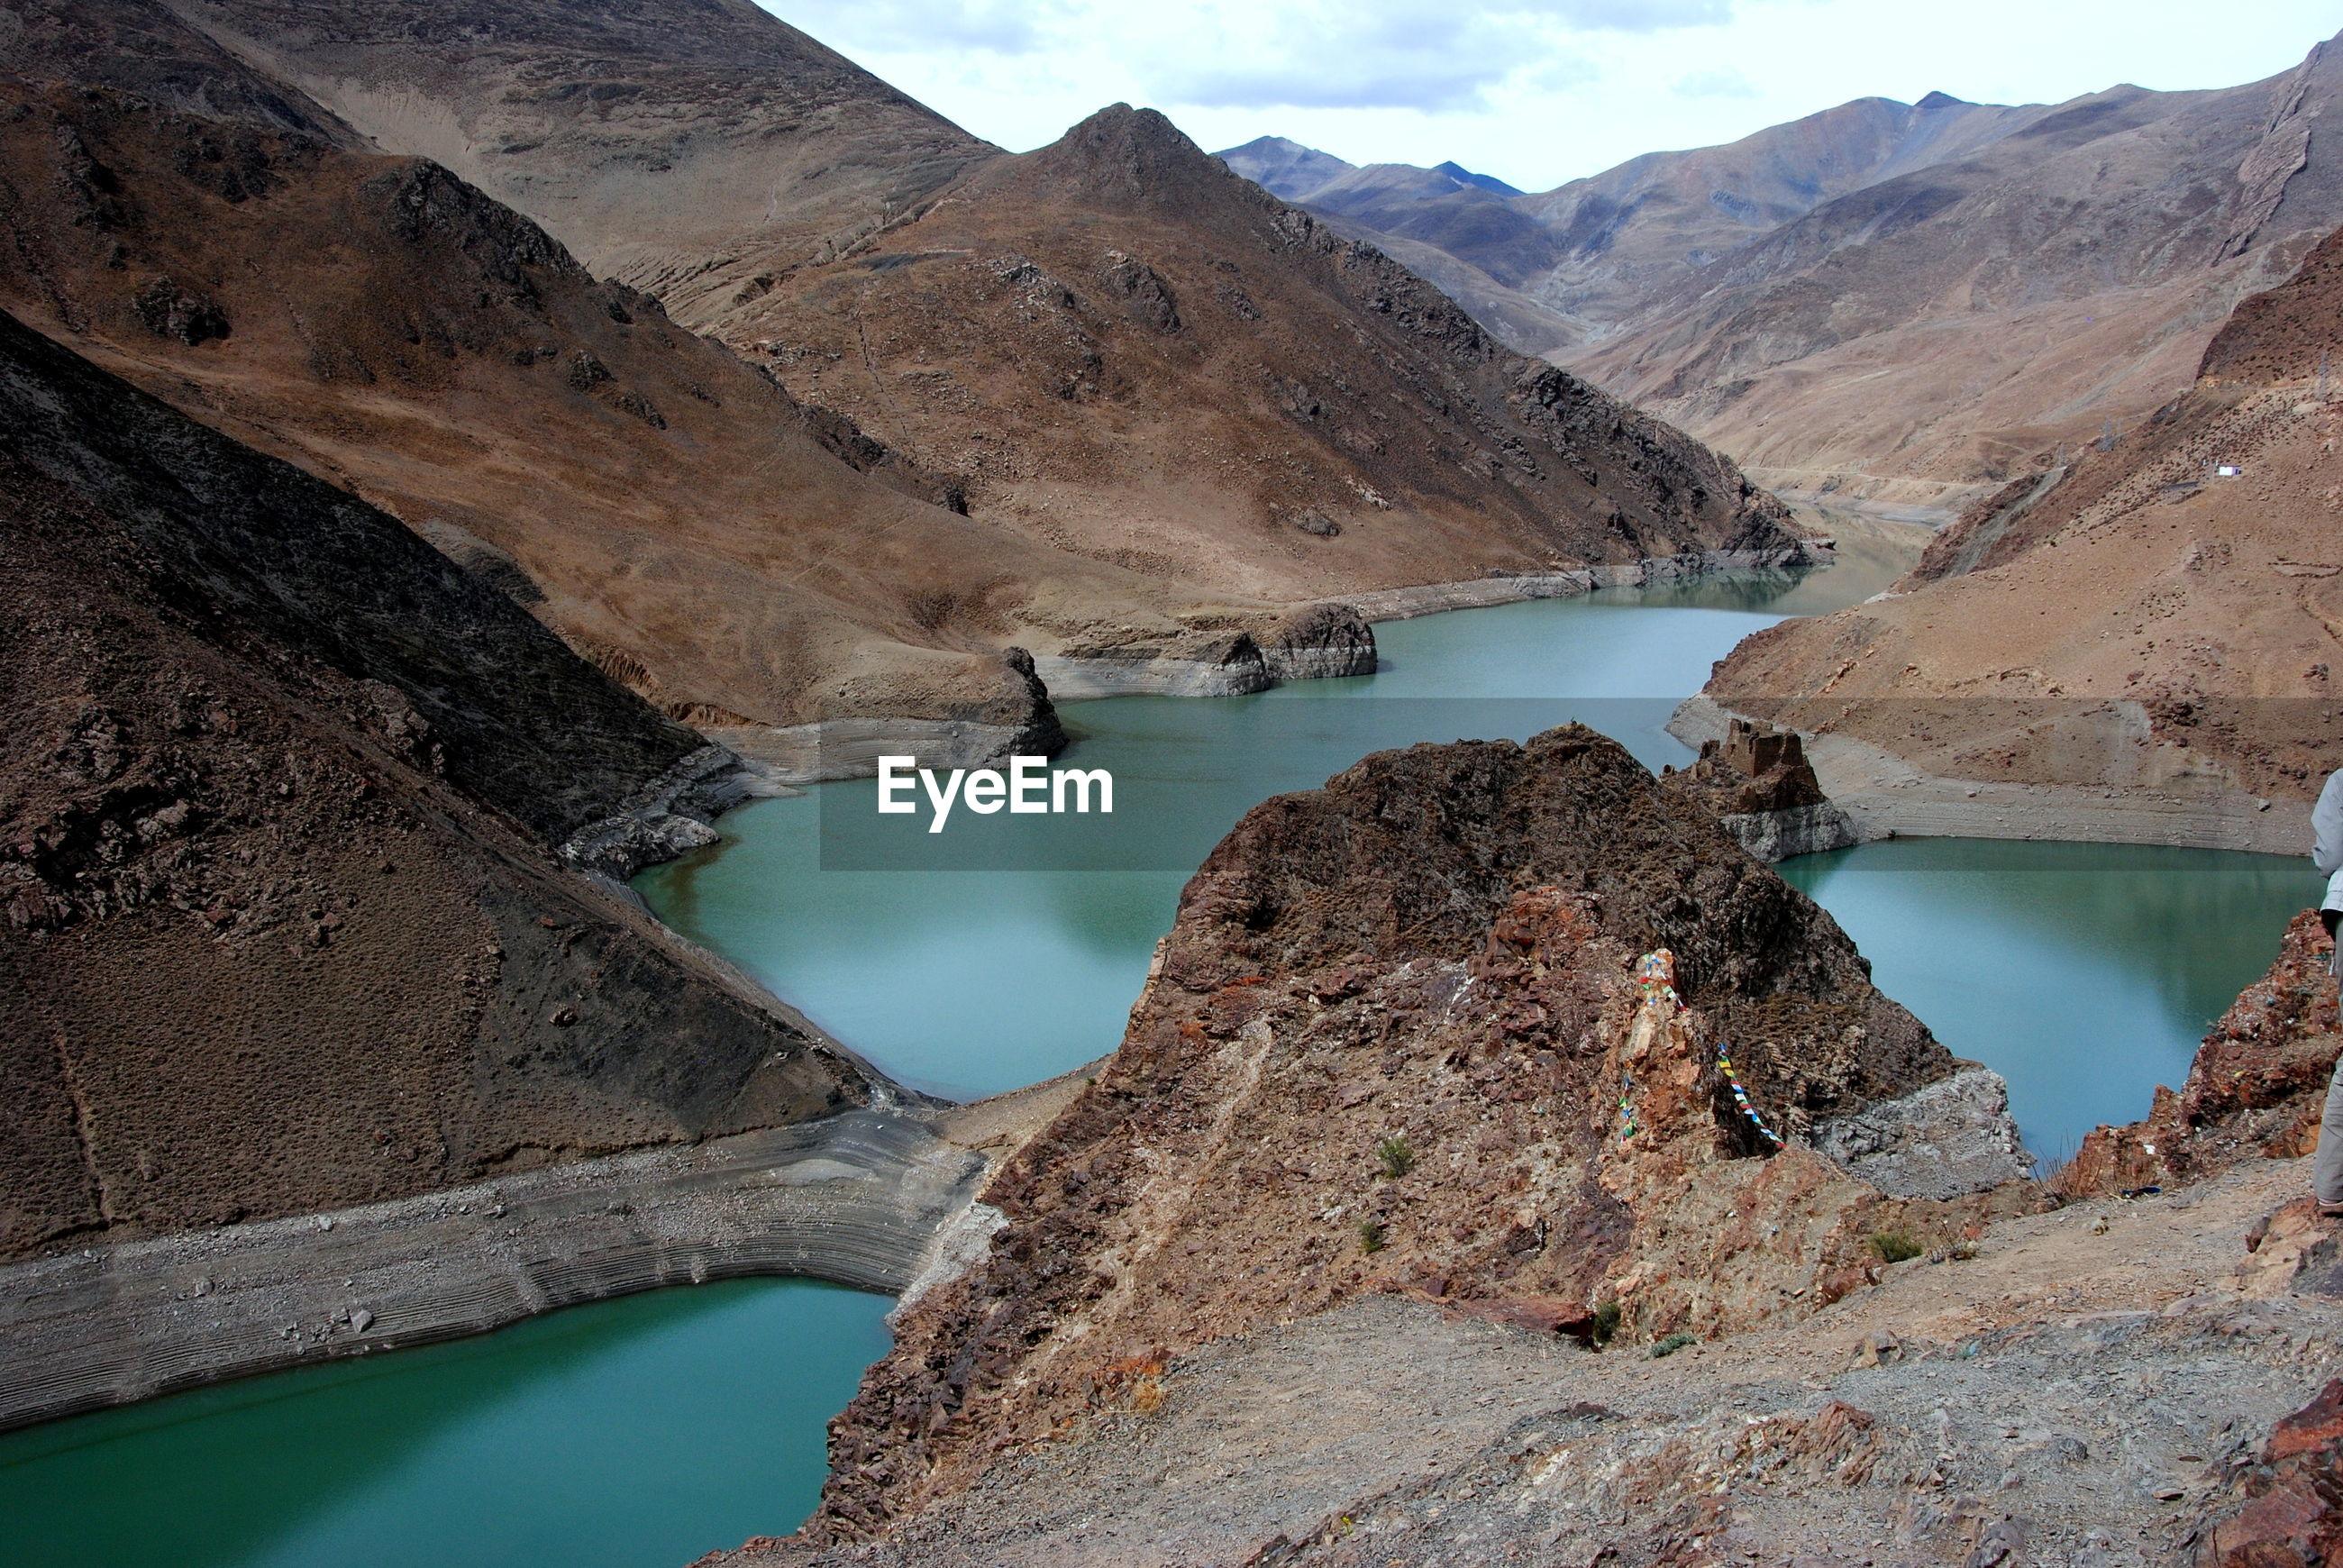 HIGH ANGLE VIEW OF LAKE AND ROCKS